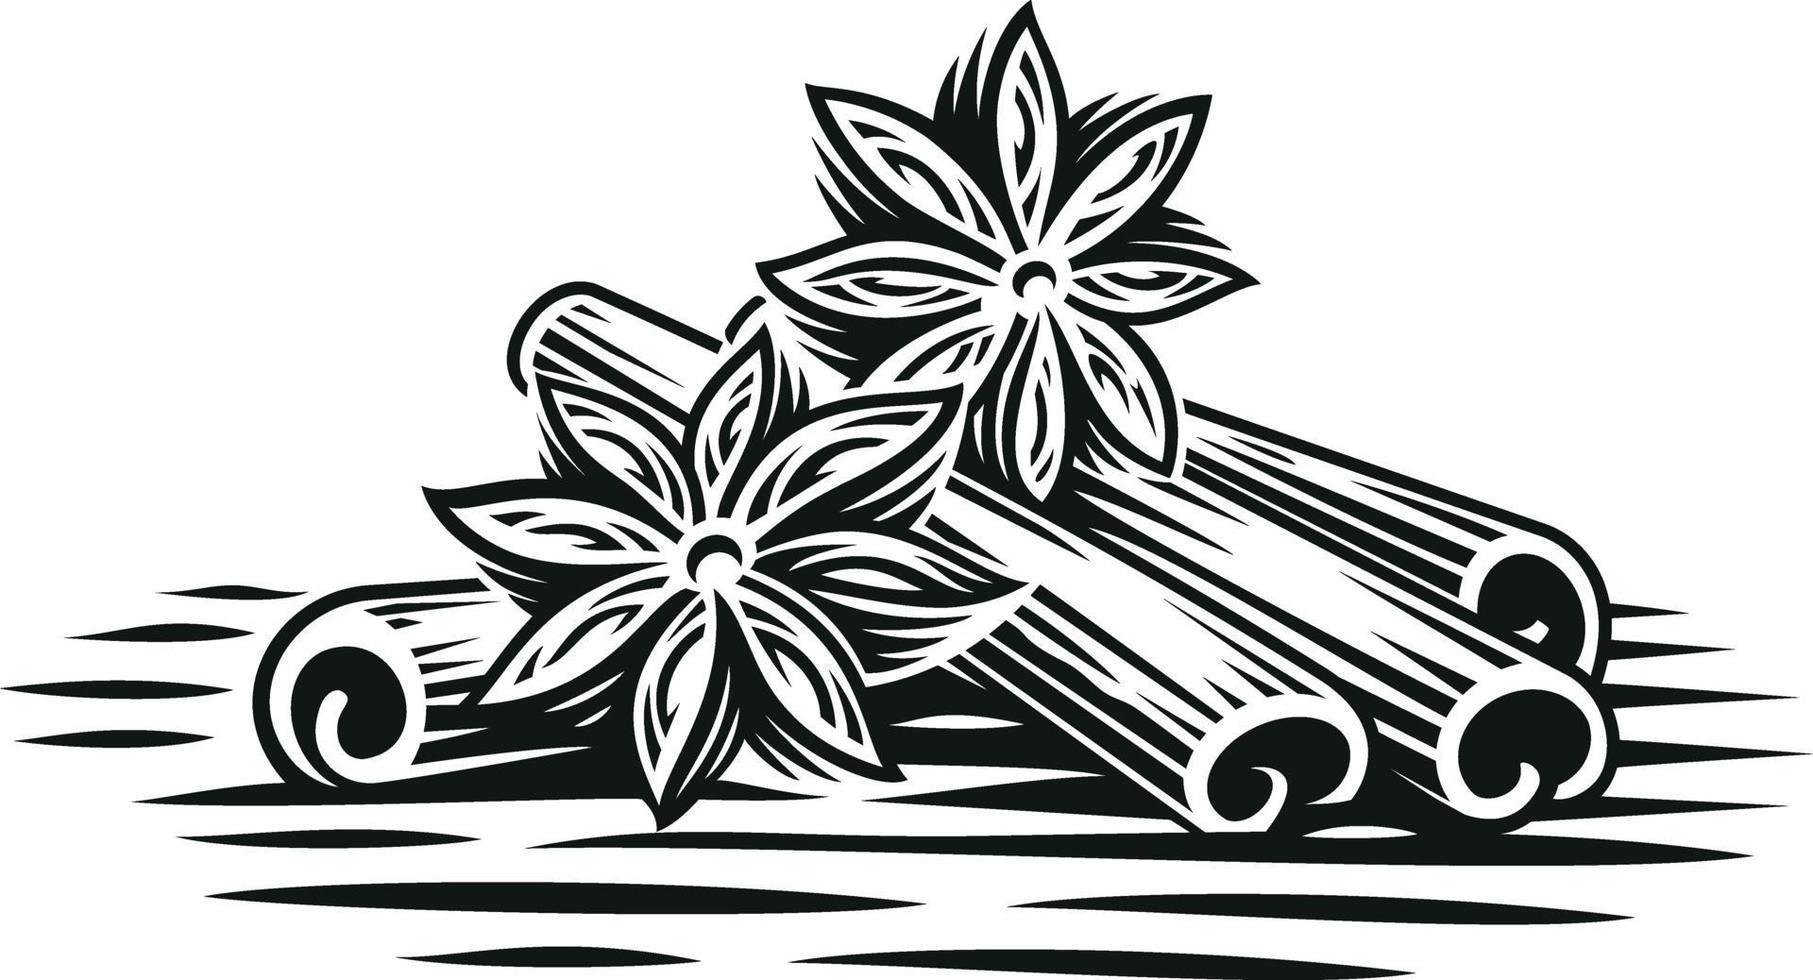 Una ilustración vectorial en blanco y negro de ramas de canela en estilo de grabado sobre fondo blanco. vector